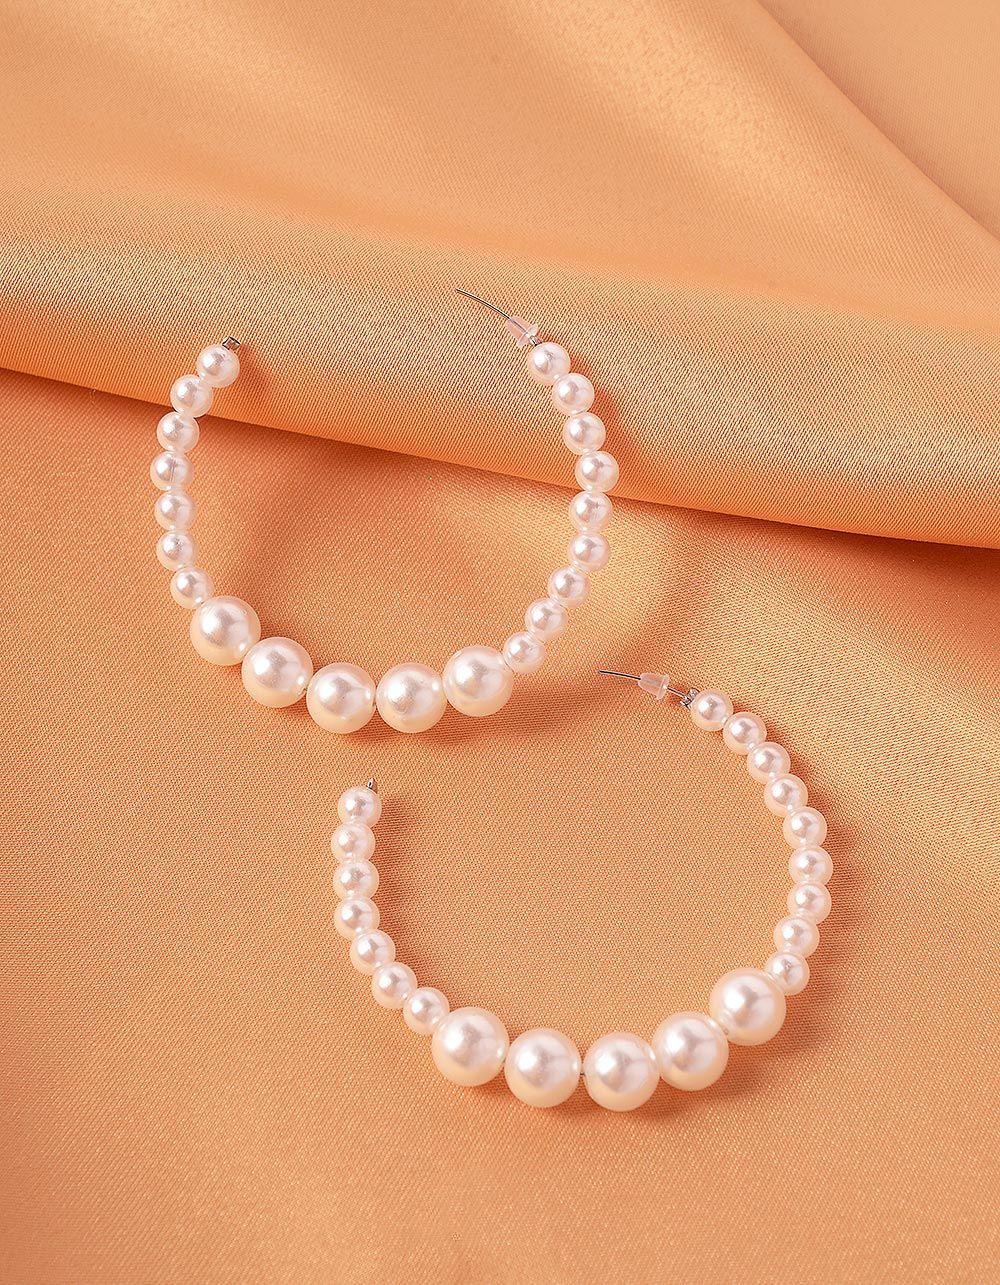 Сережки із перлин | 239717-01-XX